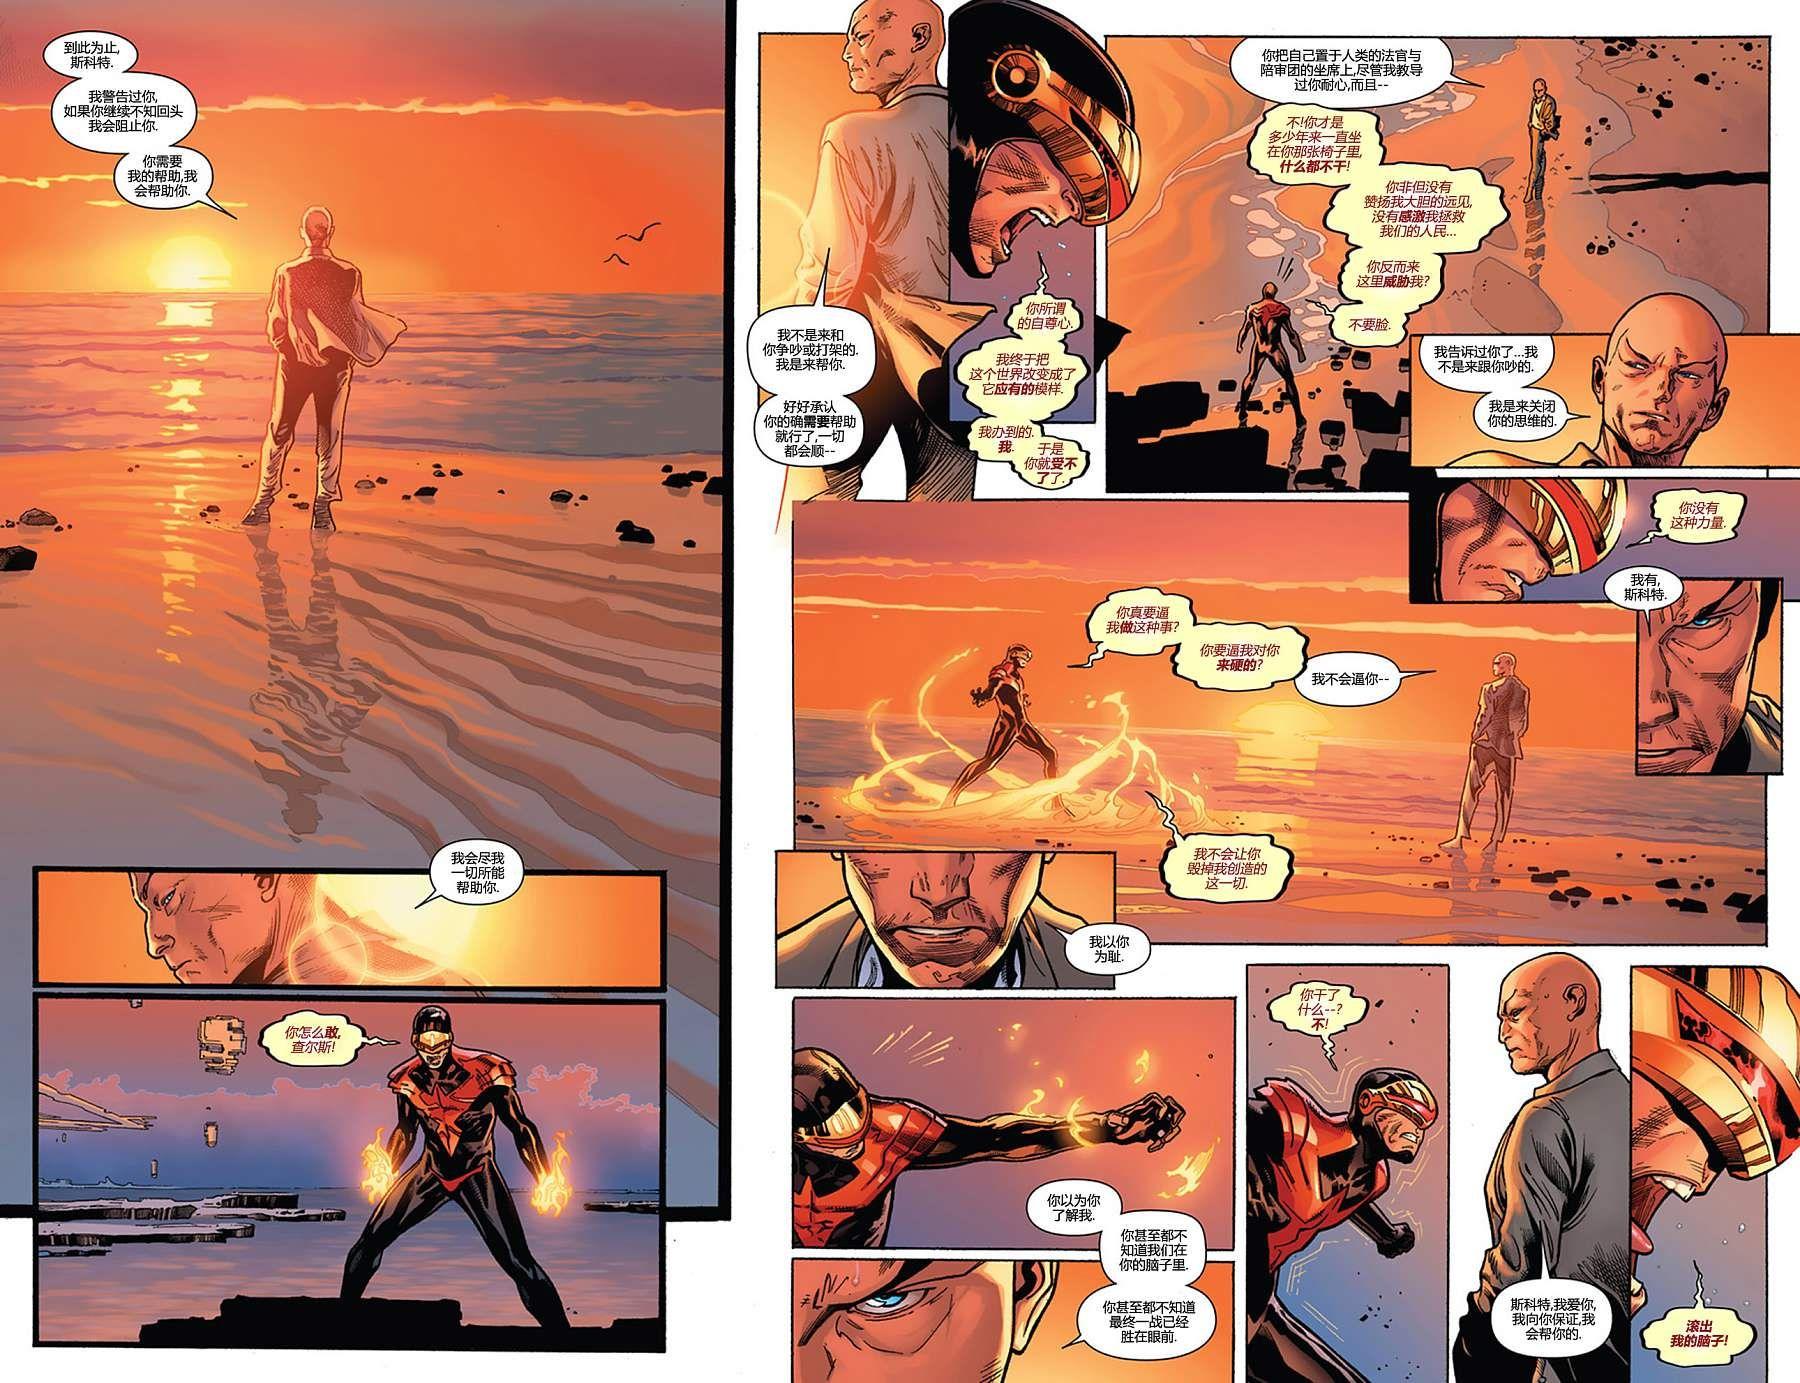 エックスメン プロフェッサーX サイクロップス X men, Comics online, Marvel